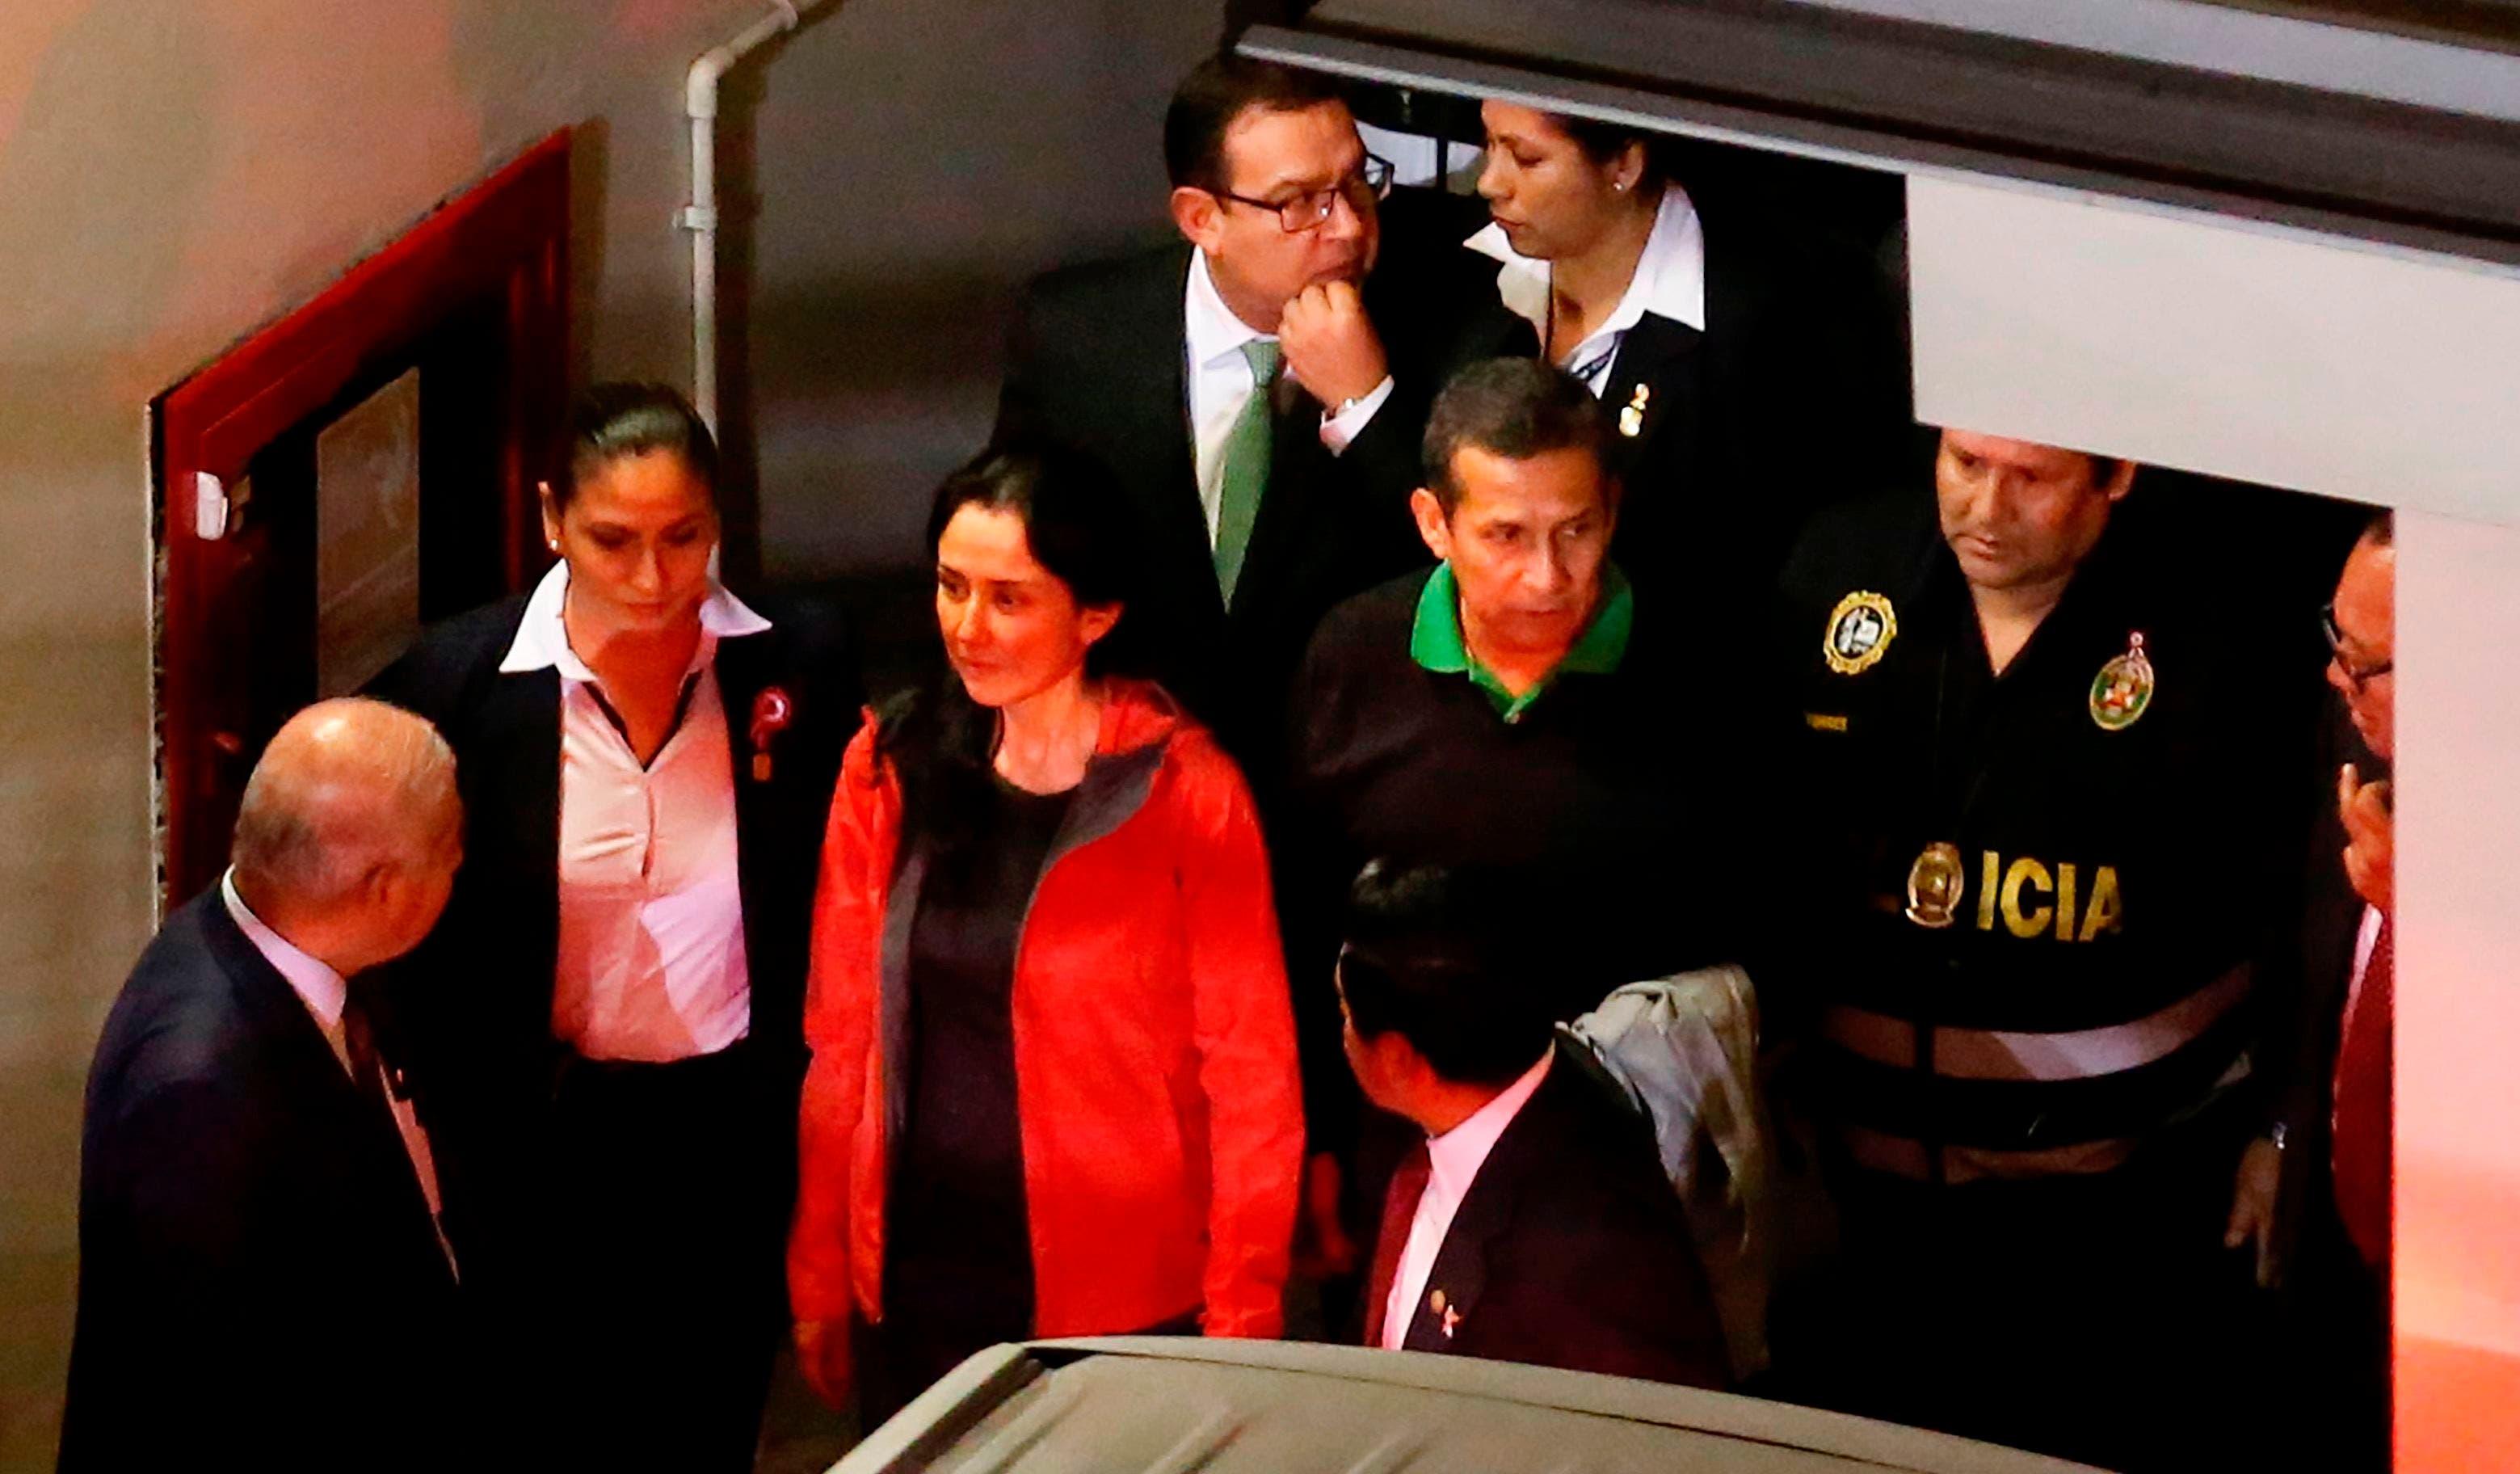 La pareja, padres de tres hijos menores de edad, durmió en la carceleta del Palacio de Justicia, desde donde serán enviados a centros de reclusión por separado en el transcurso del viernes.